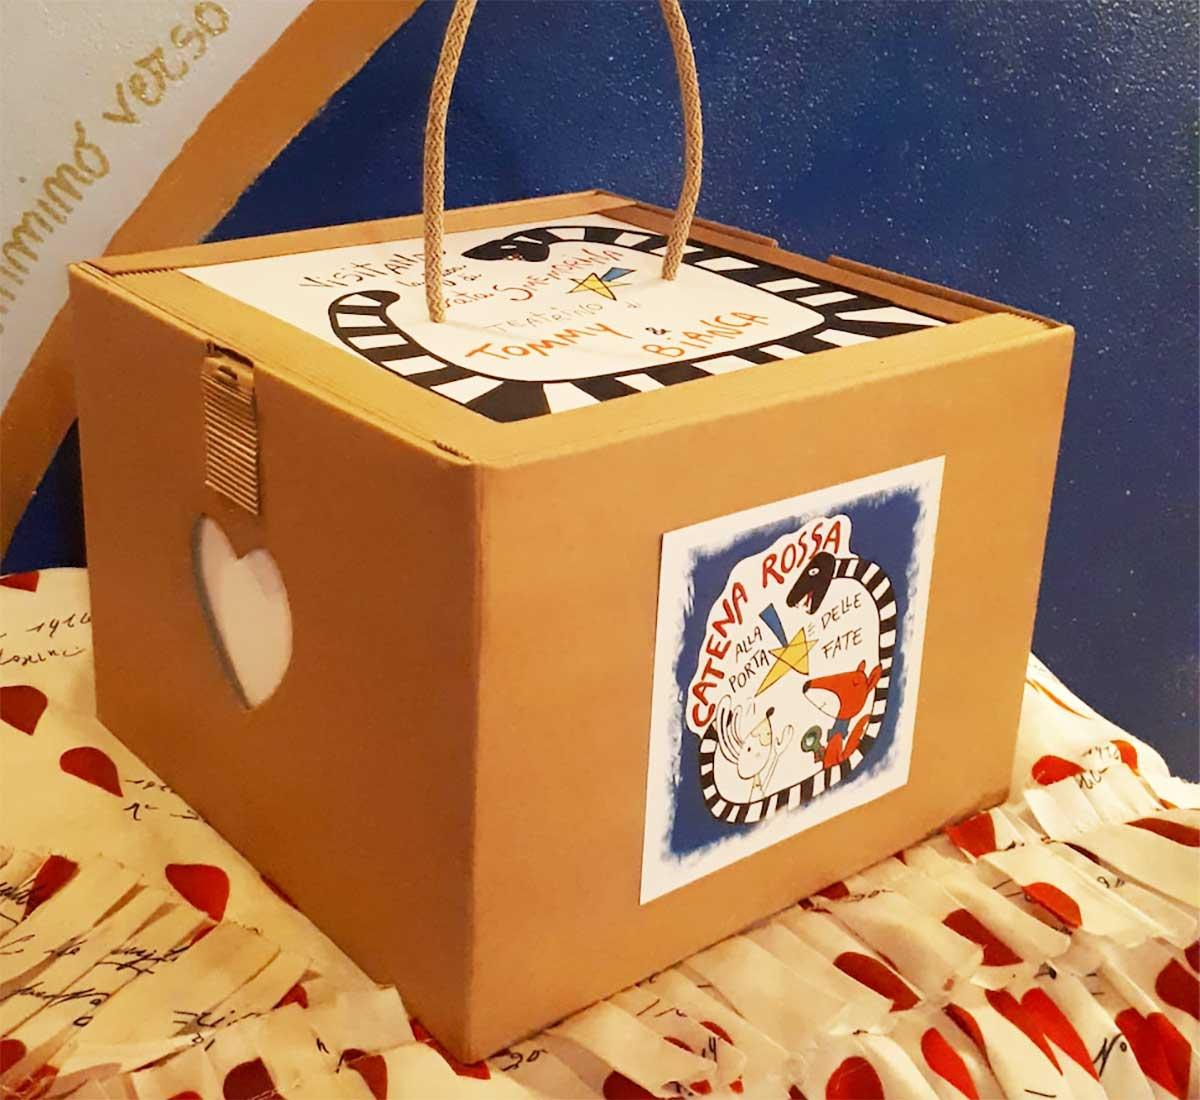 visitando-fiaba-fata-smemorina-box